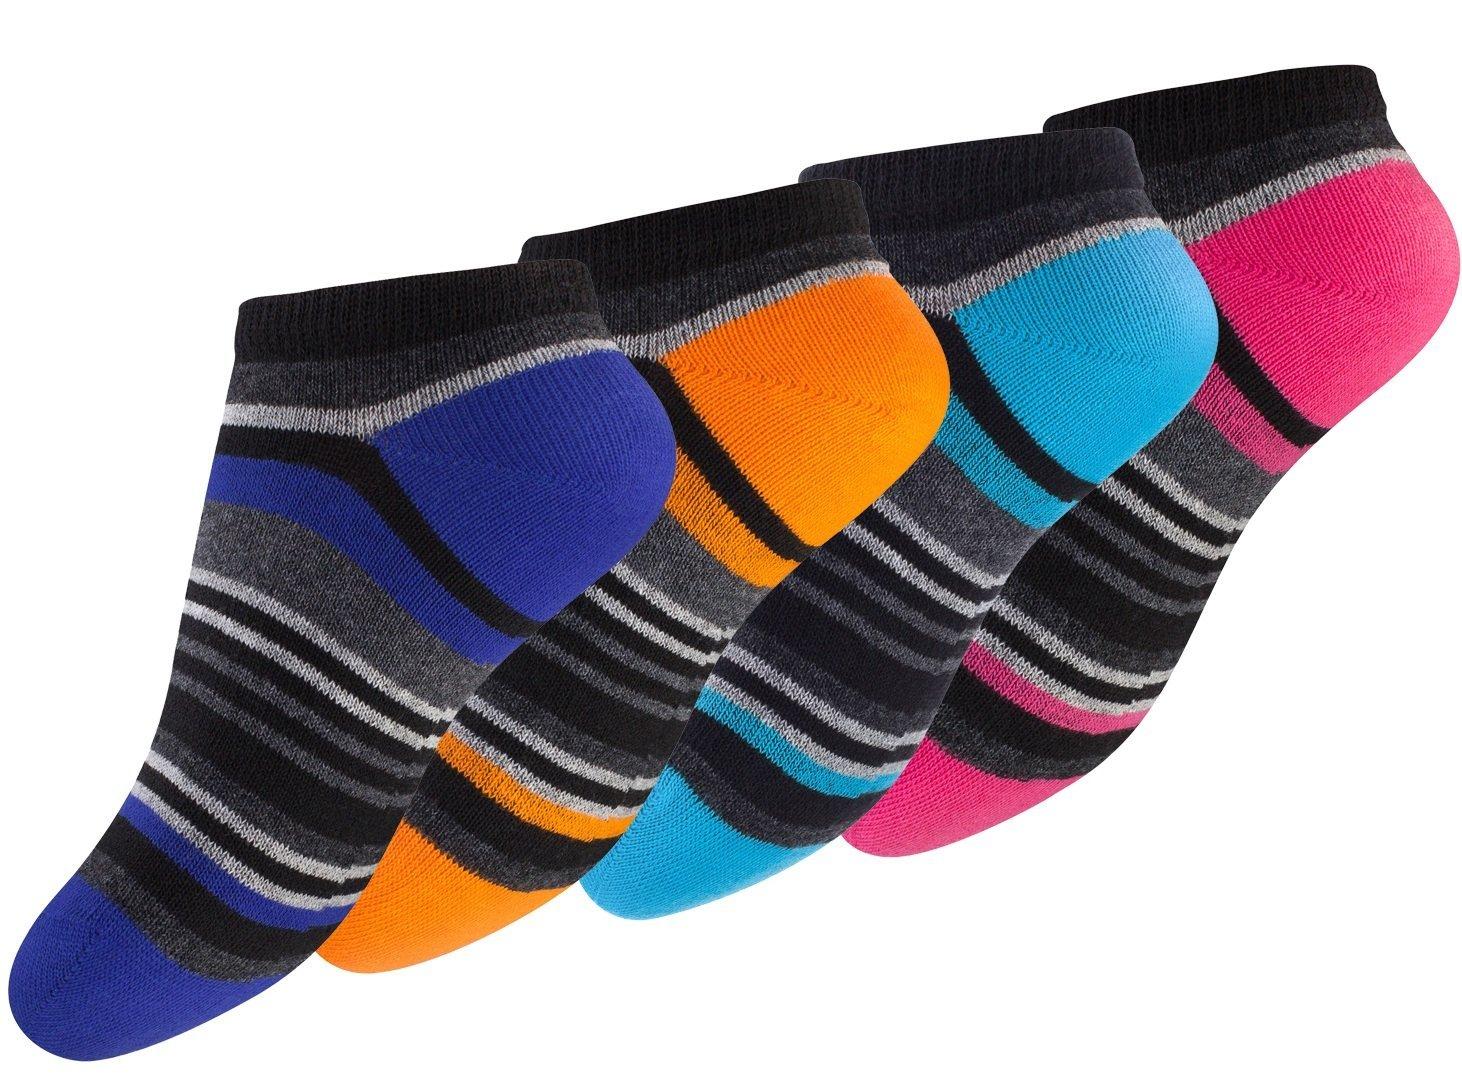 Calzini corti a strisce colorate per bambini - Confezione da 8 Sport Line